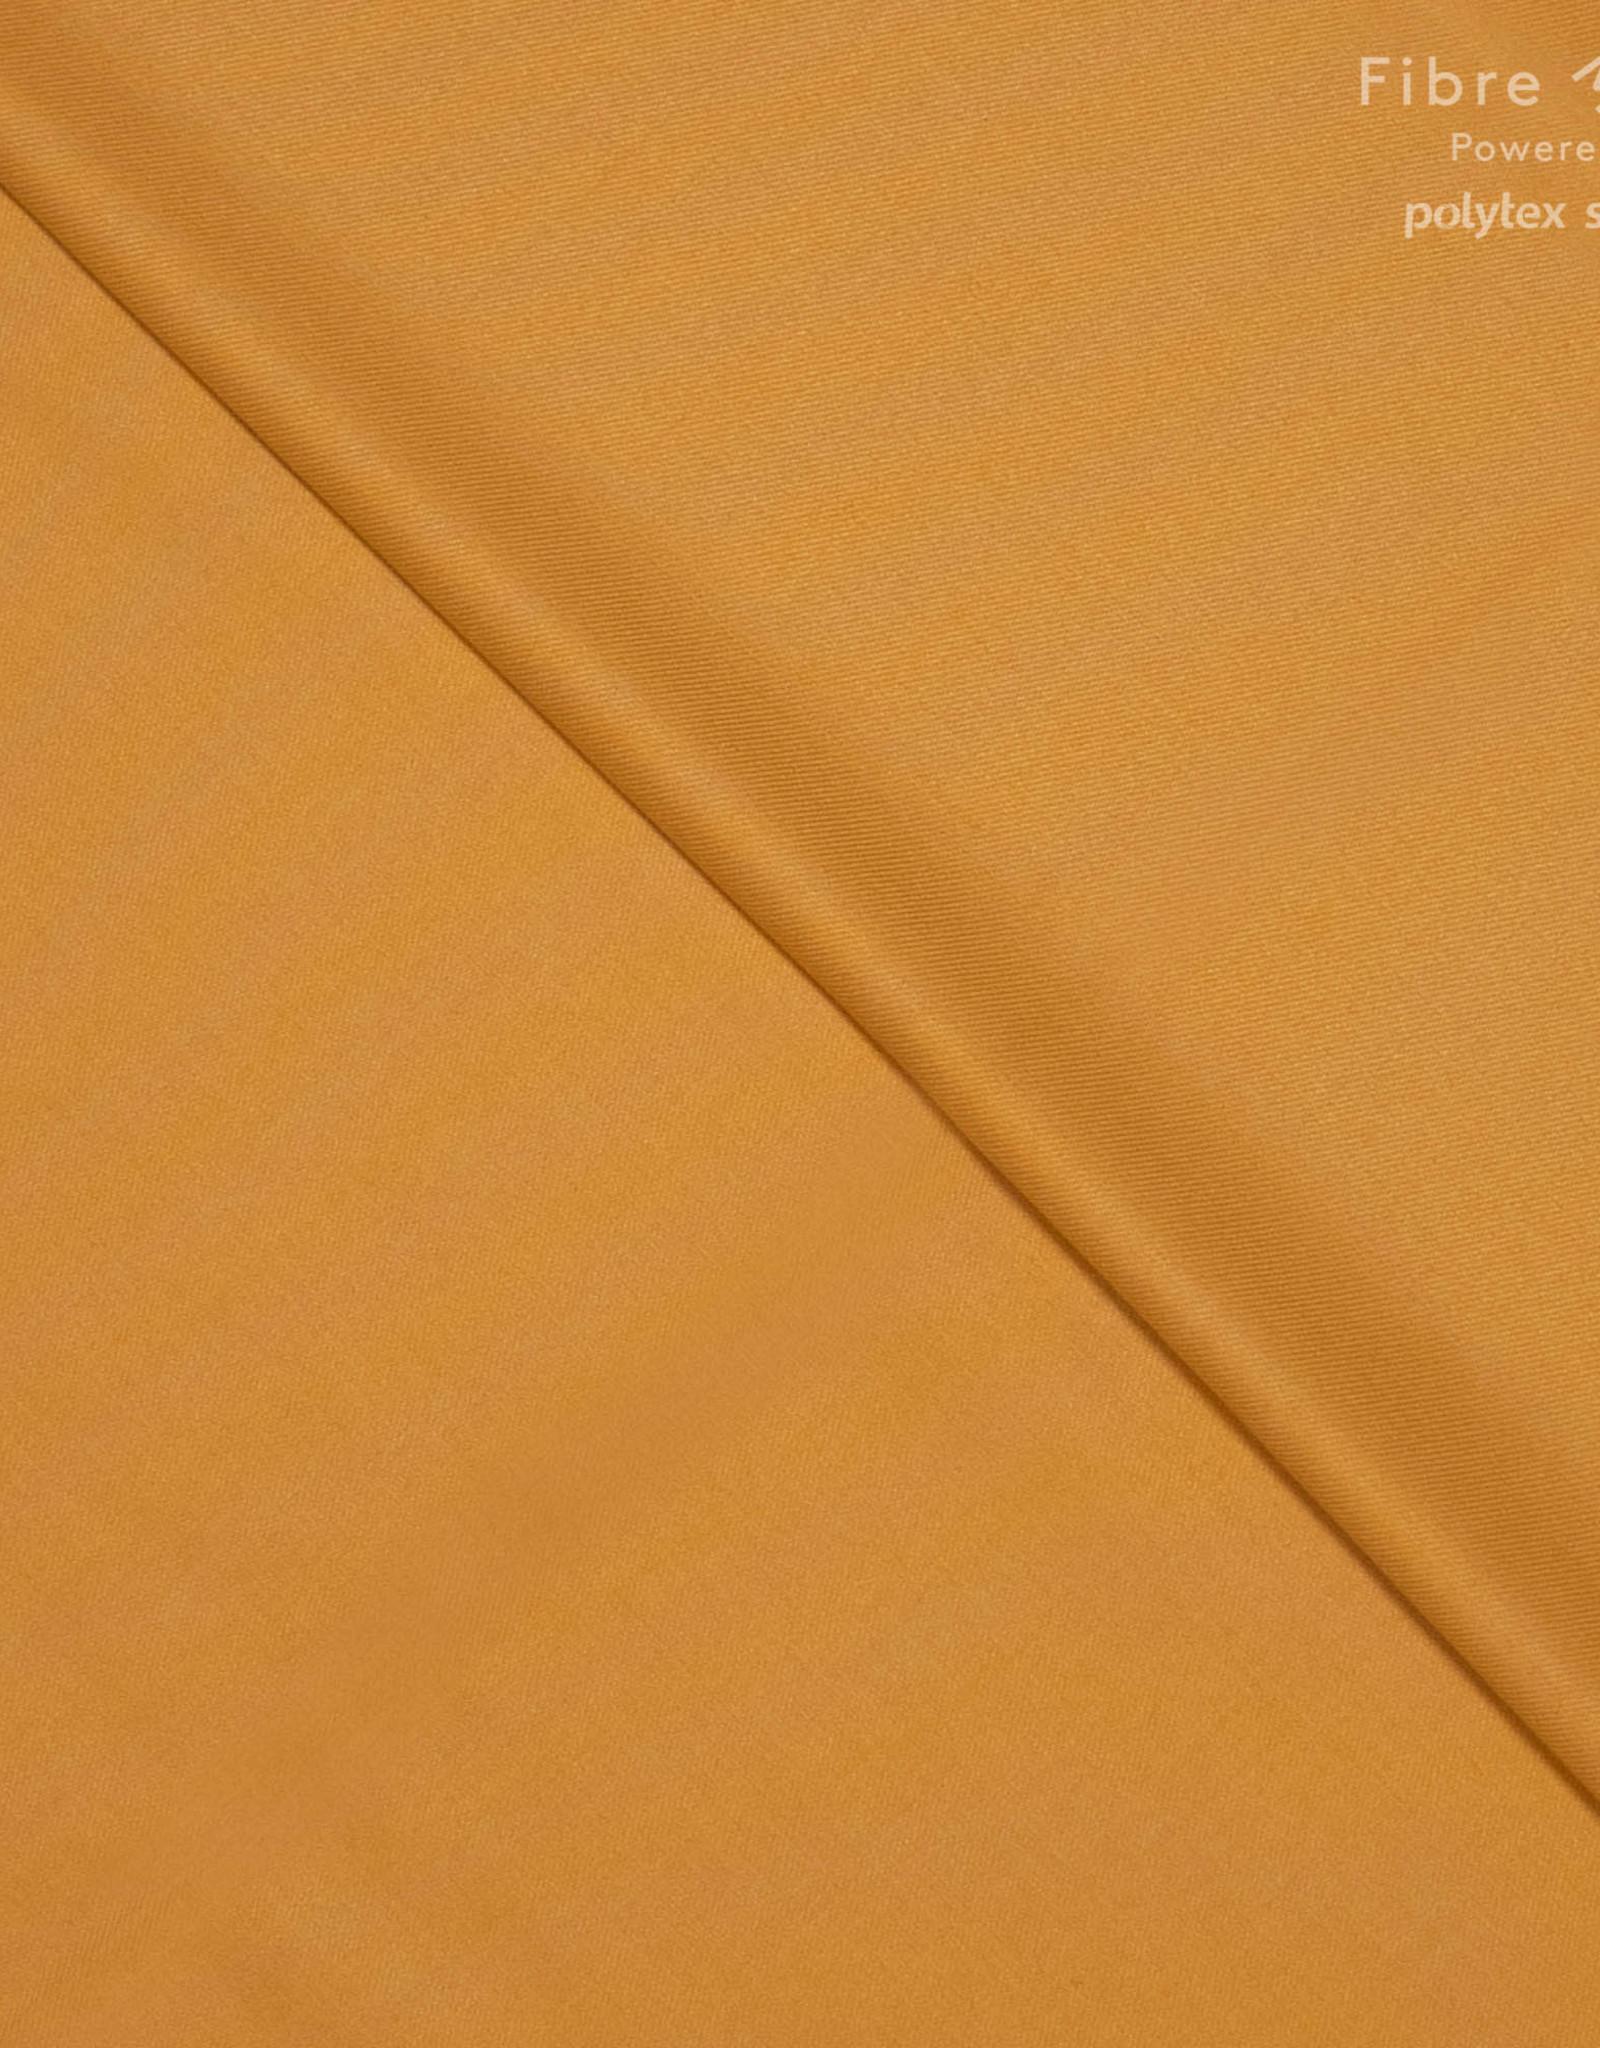 Fibre Mood Fibre Mood editie 15 Bamboo (gerecycleerd) oker geel (Onah)